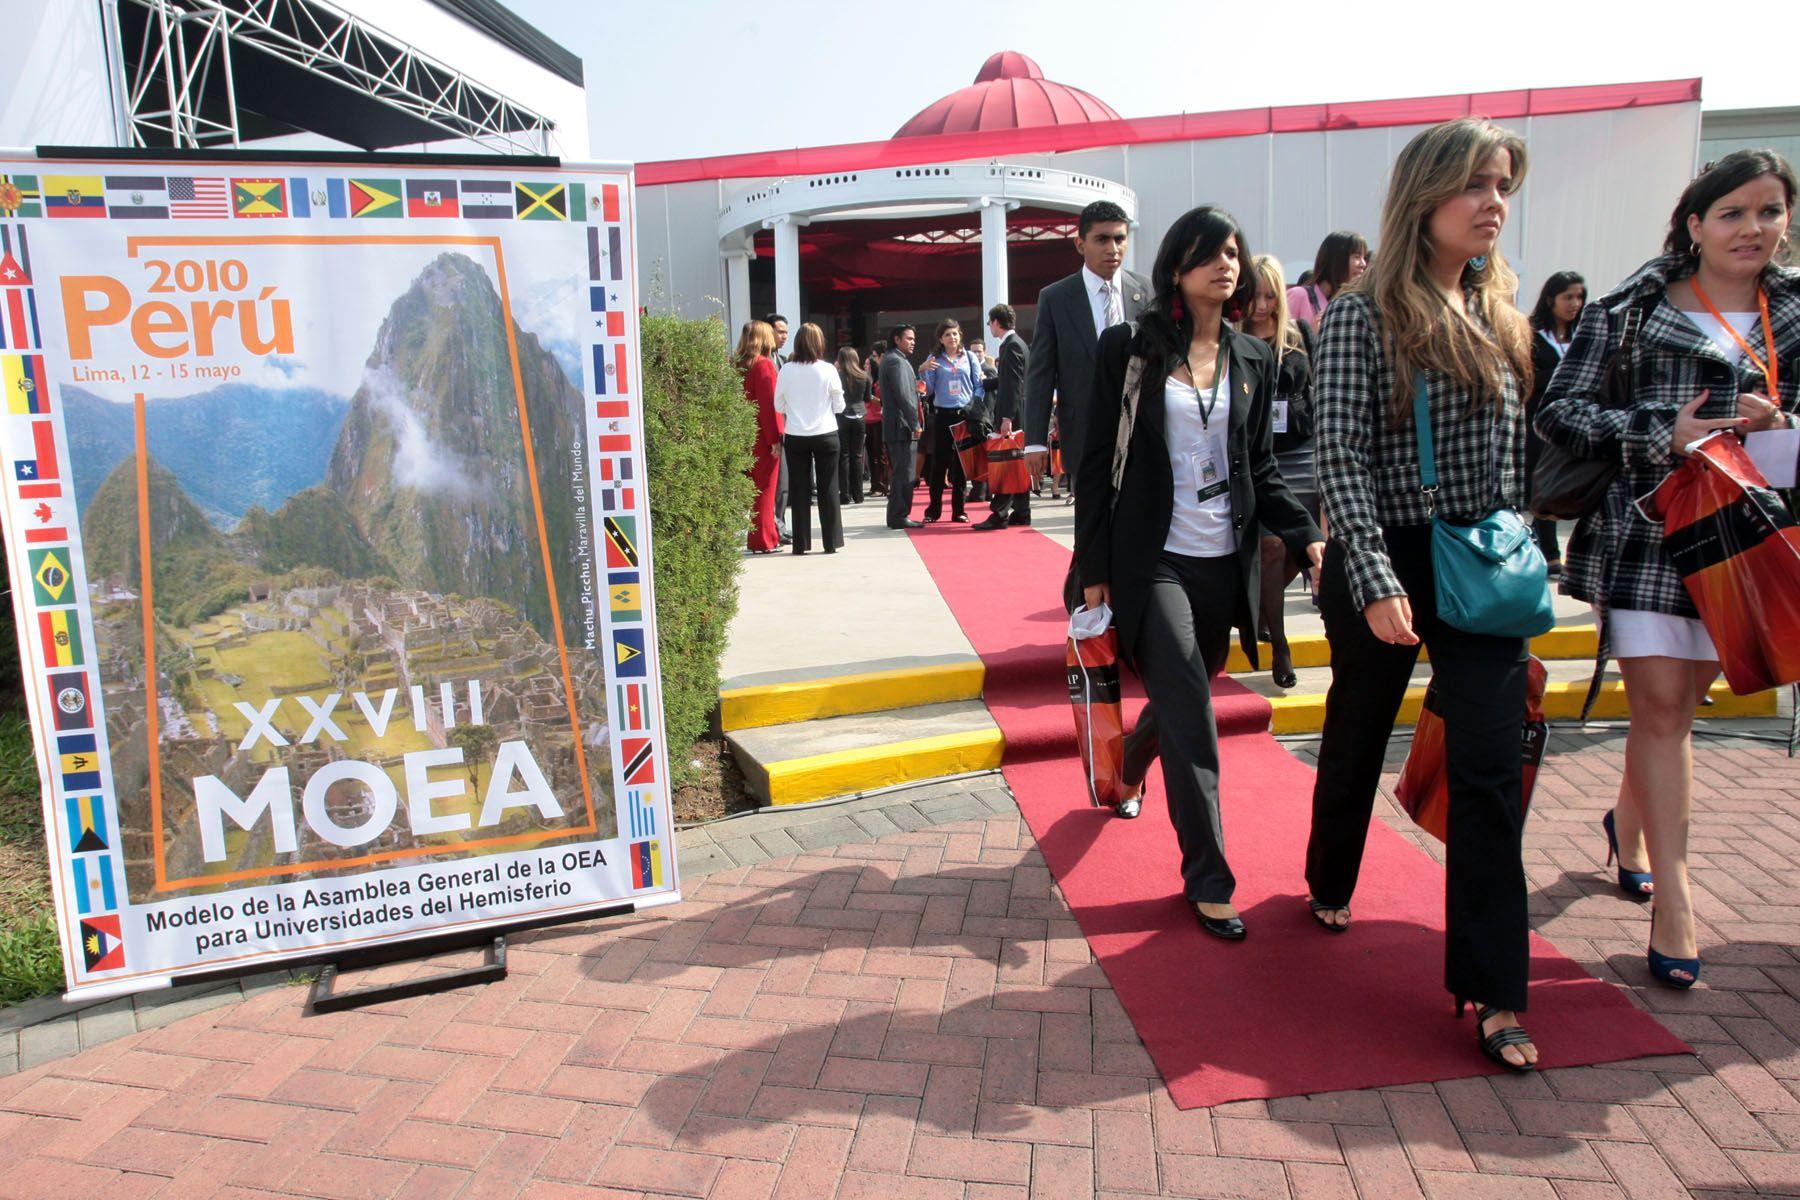 Participantes del XXVIII Modelo de la Asamblea General de la Organización de Estados Americanos (MOEA). Foto: ANDINA/Carlos Lezama.